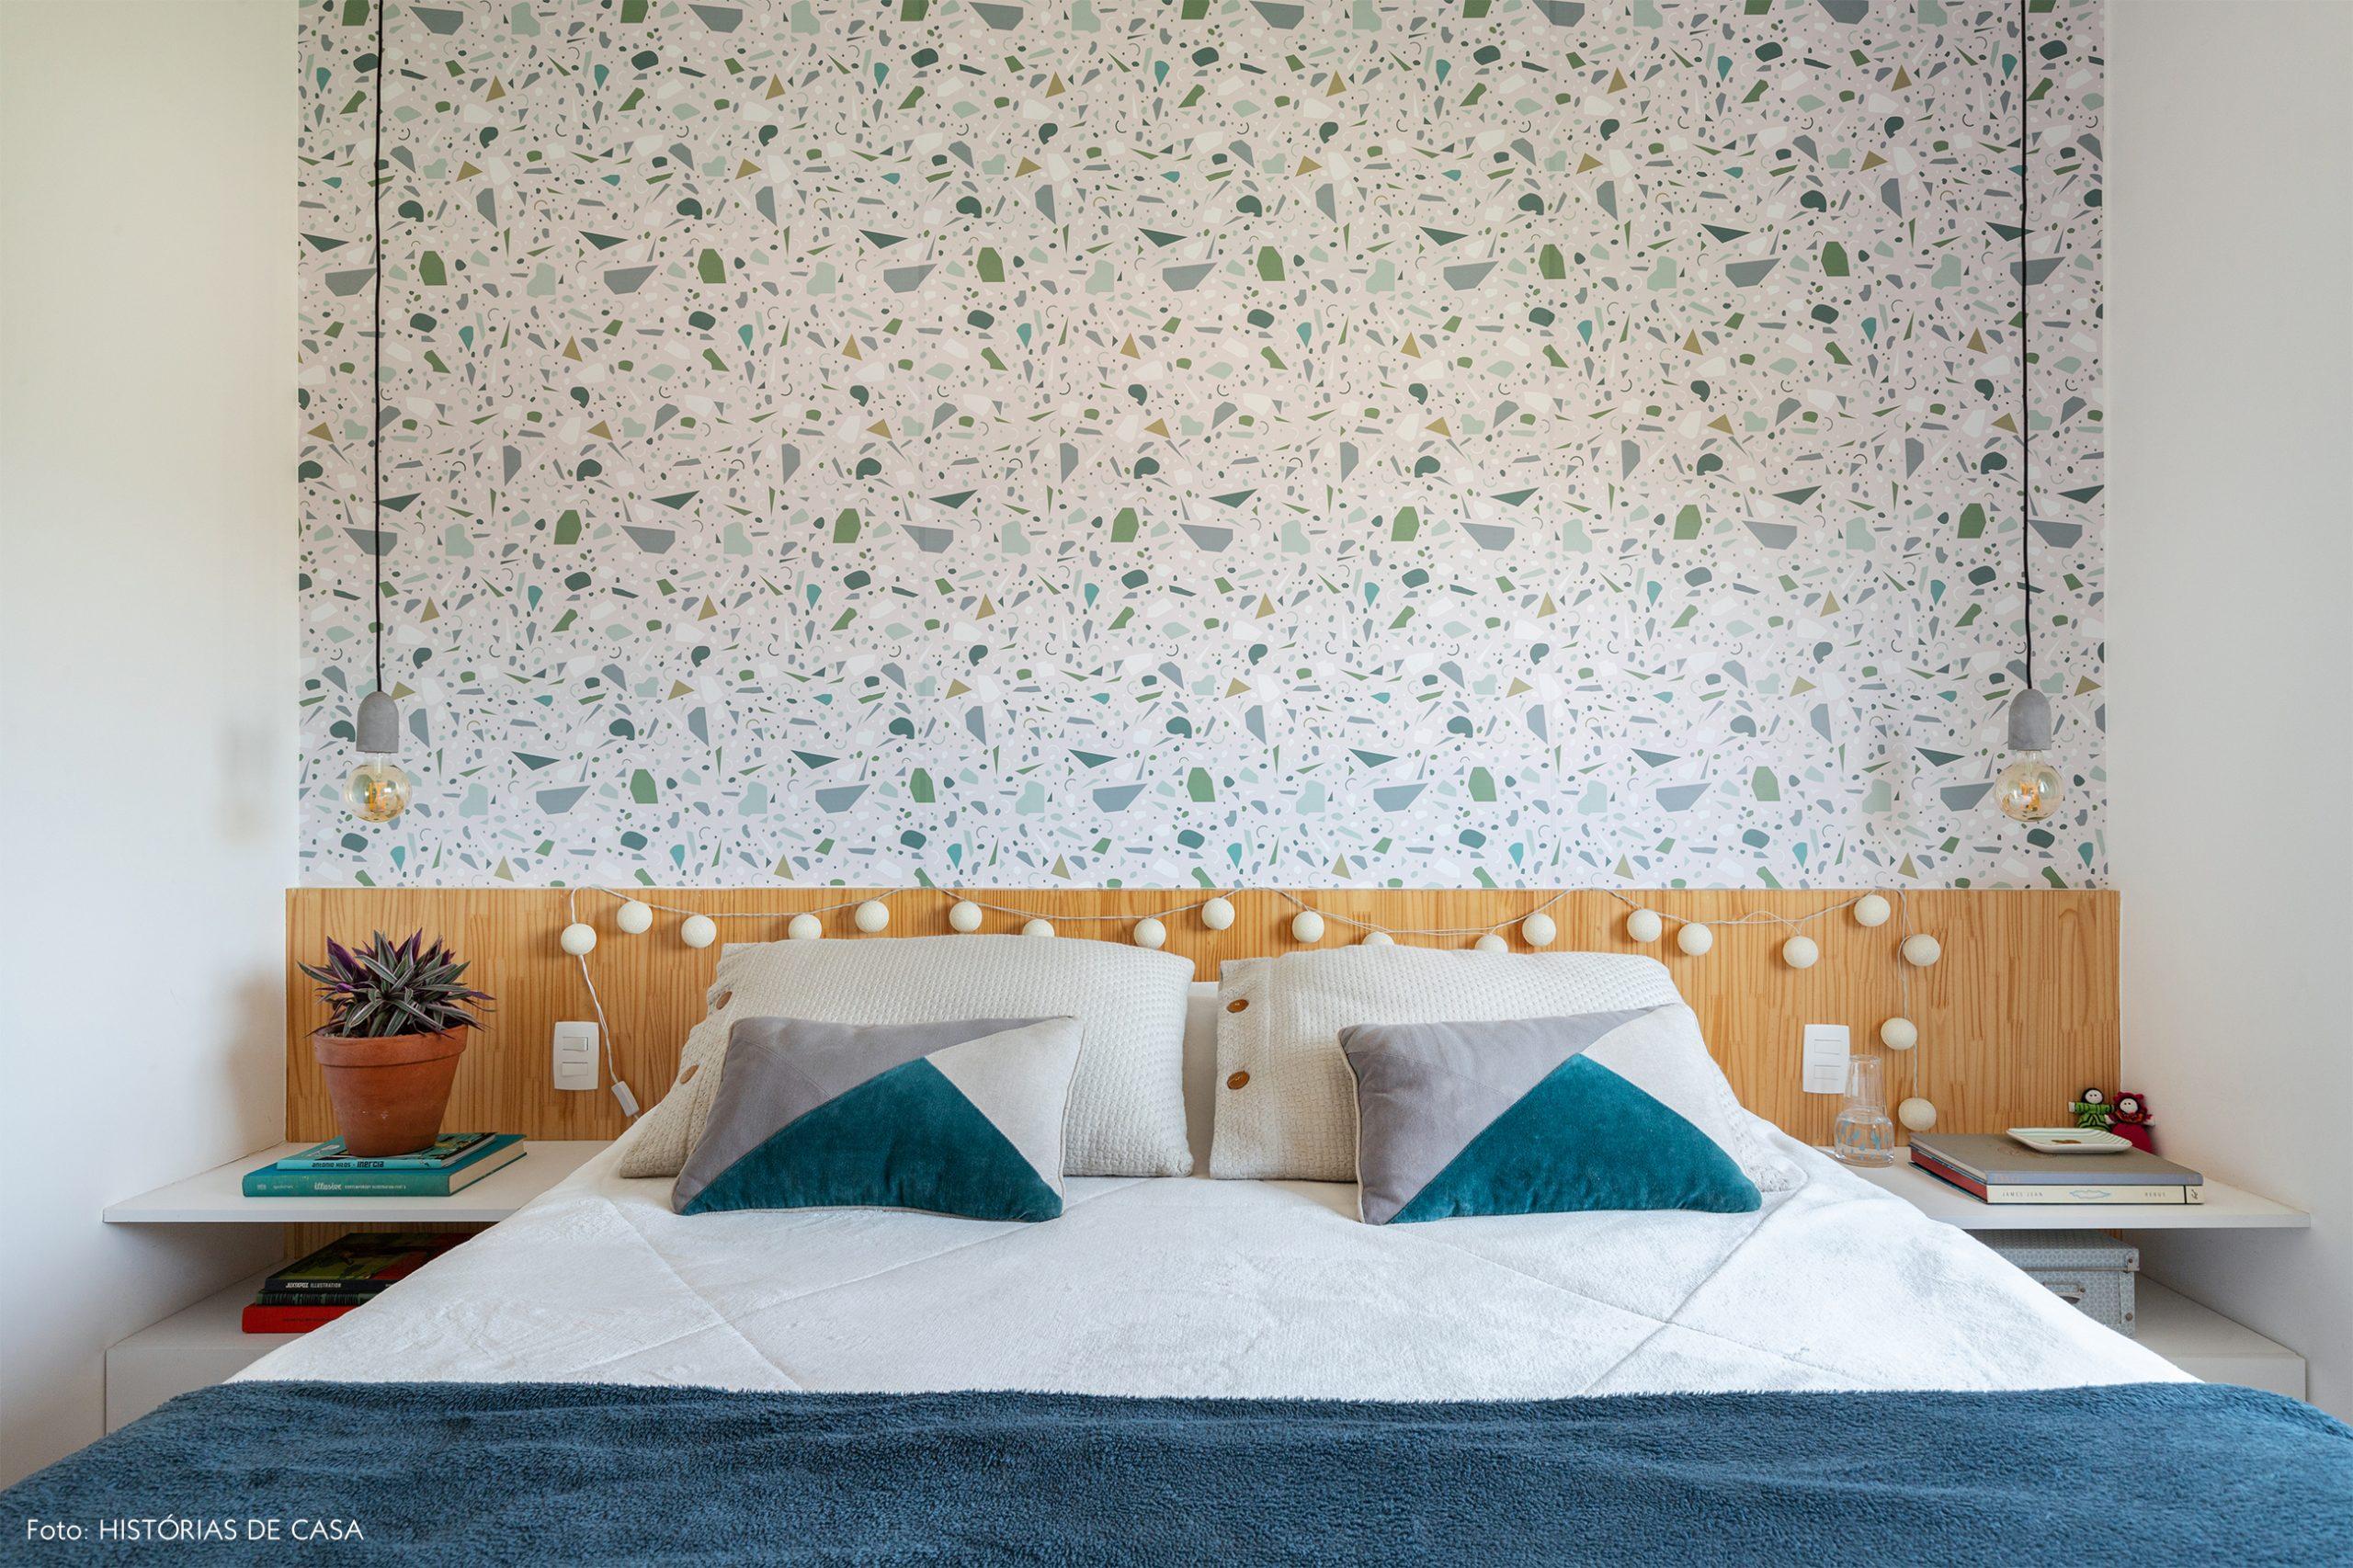 decoração com papel de parede de granilite no quarto